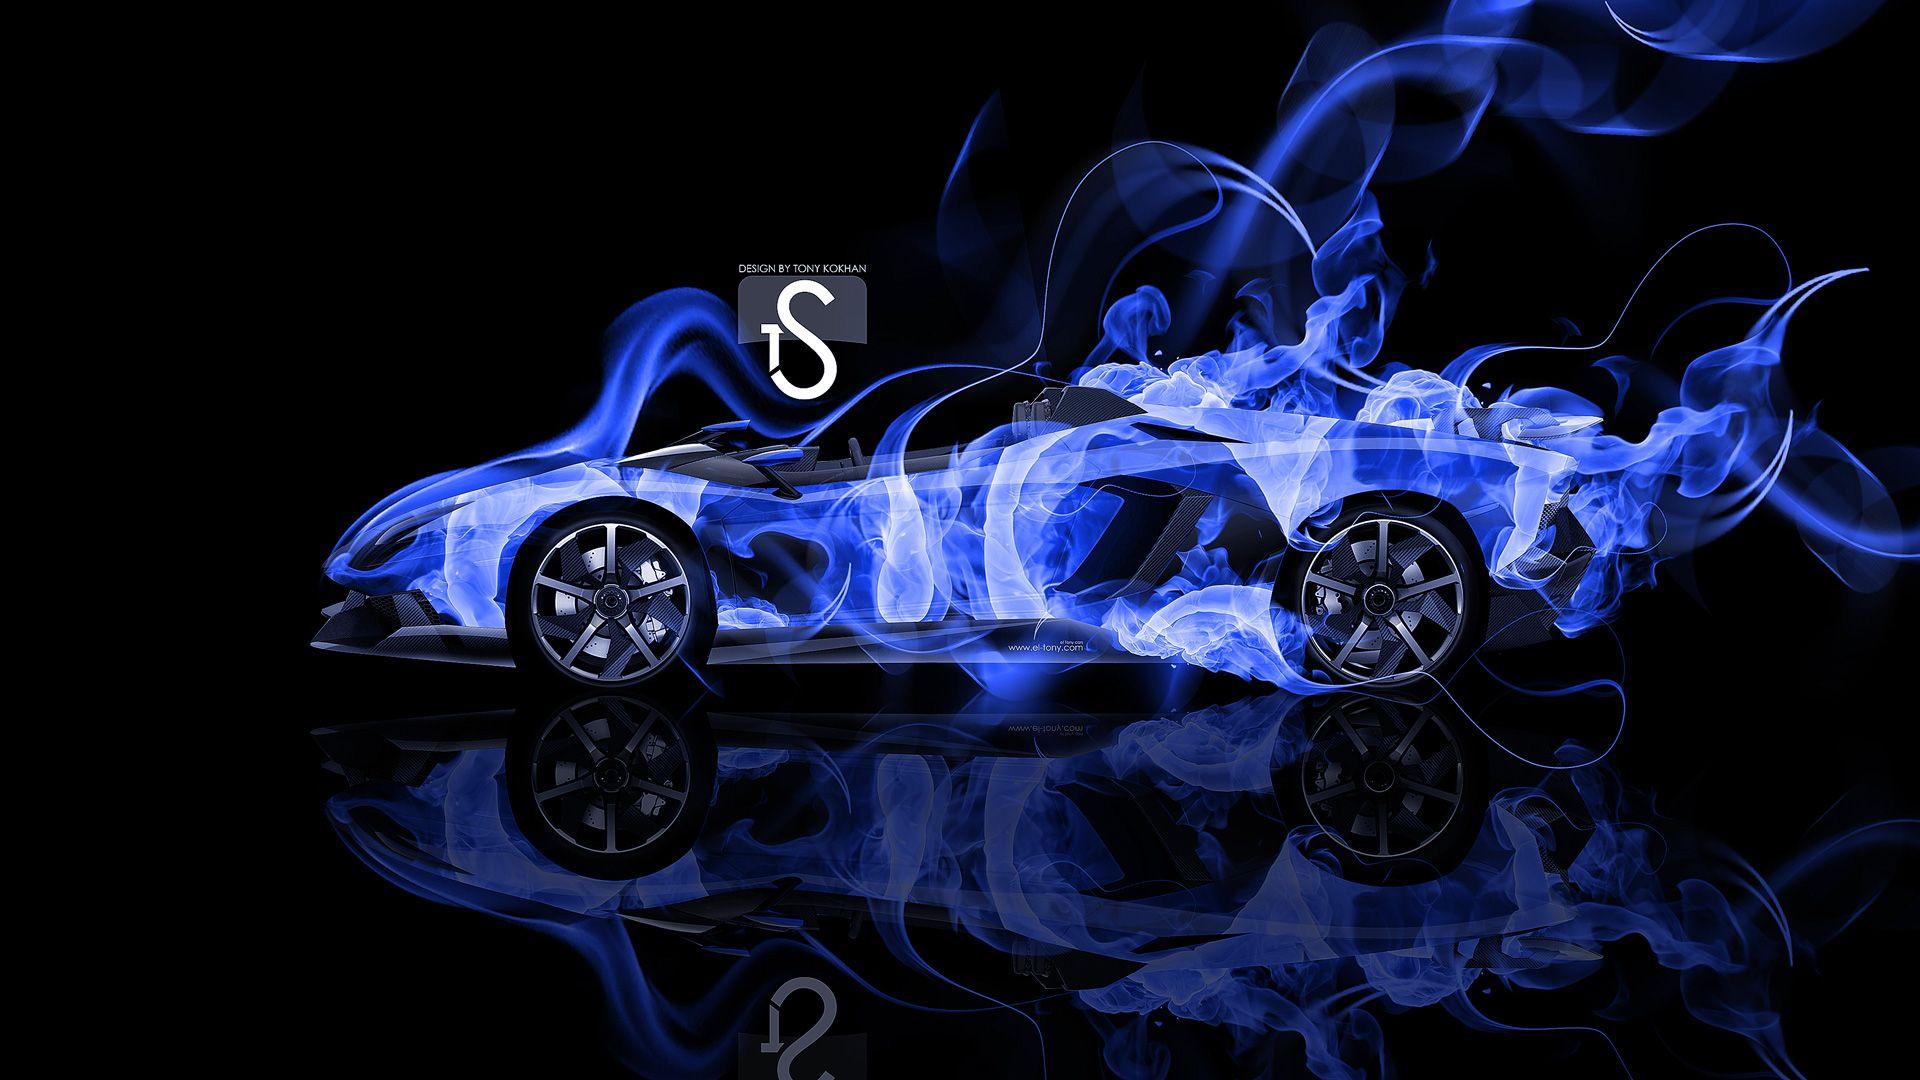 Lamborghini Murcielago Super Abstract Car El Tony Design